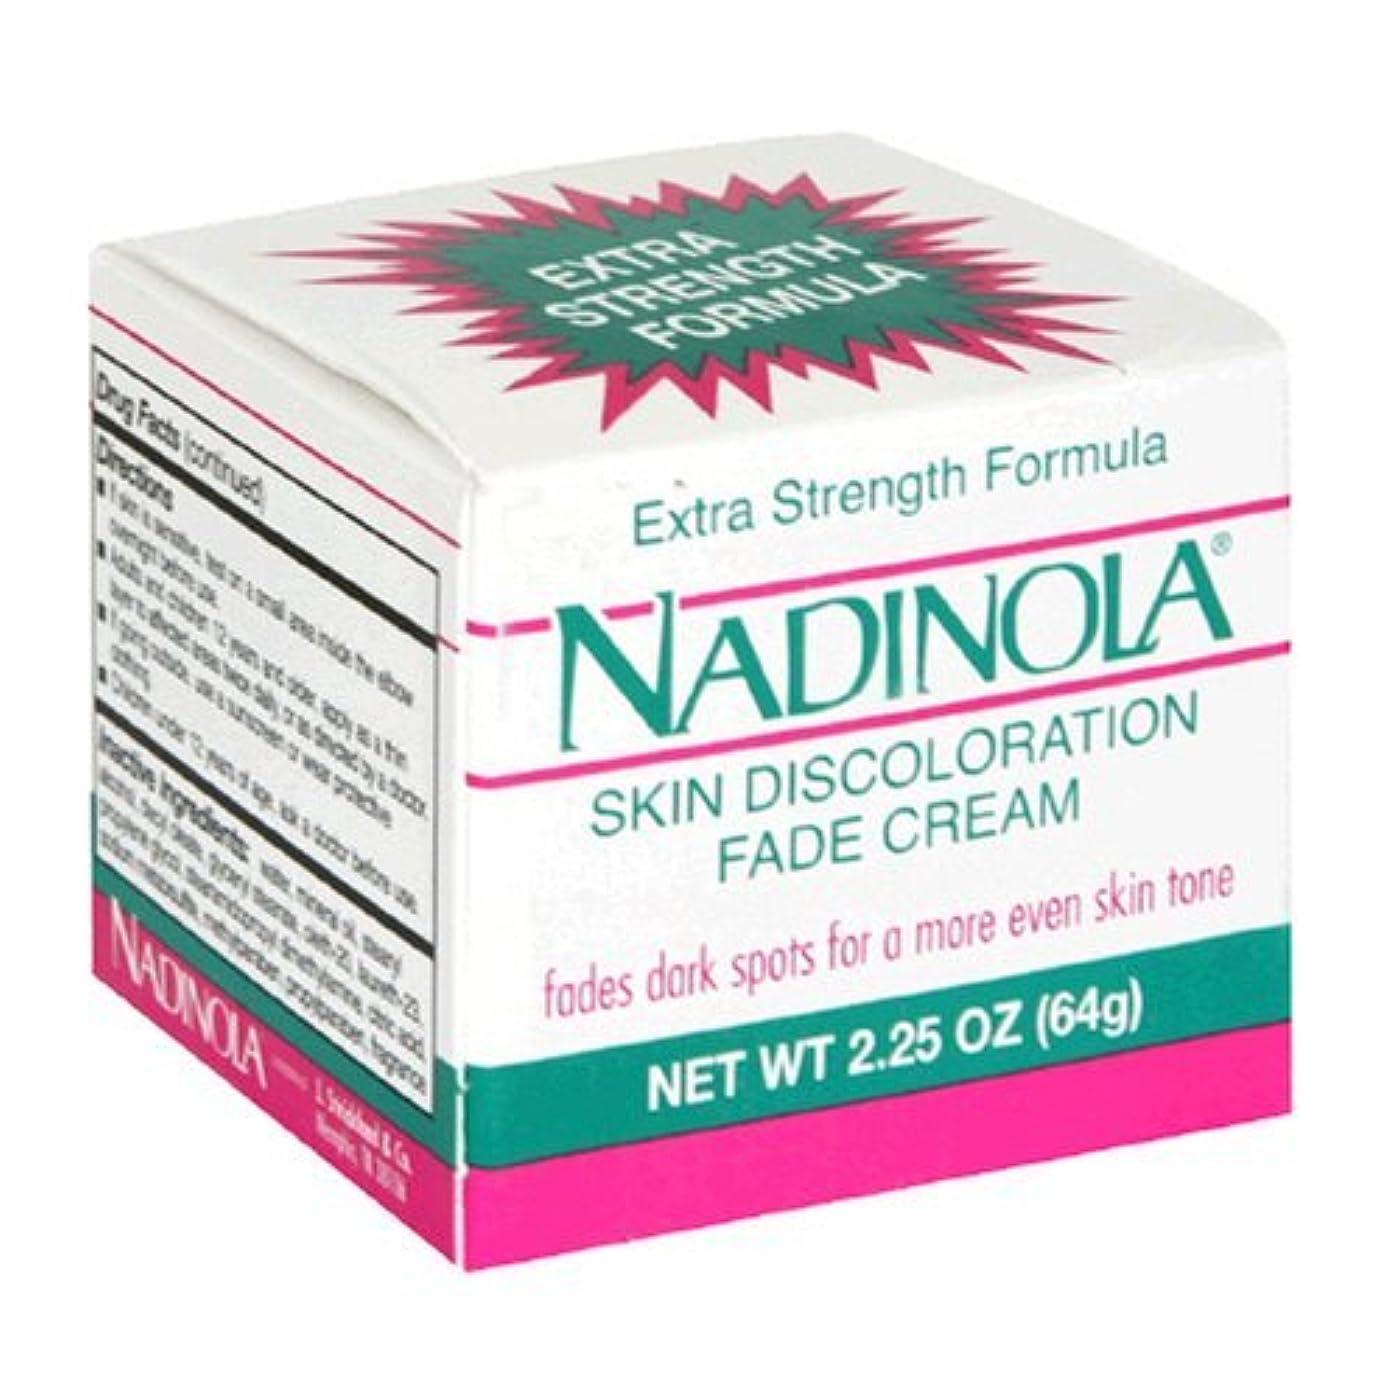 水っぽい発見全能Nadinola Discoloration Fade Cream 2.25oz Extra Strength (並行輸入品)